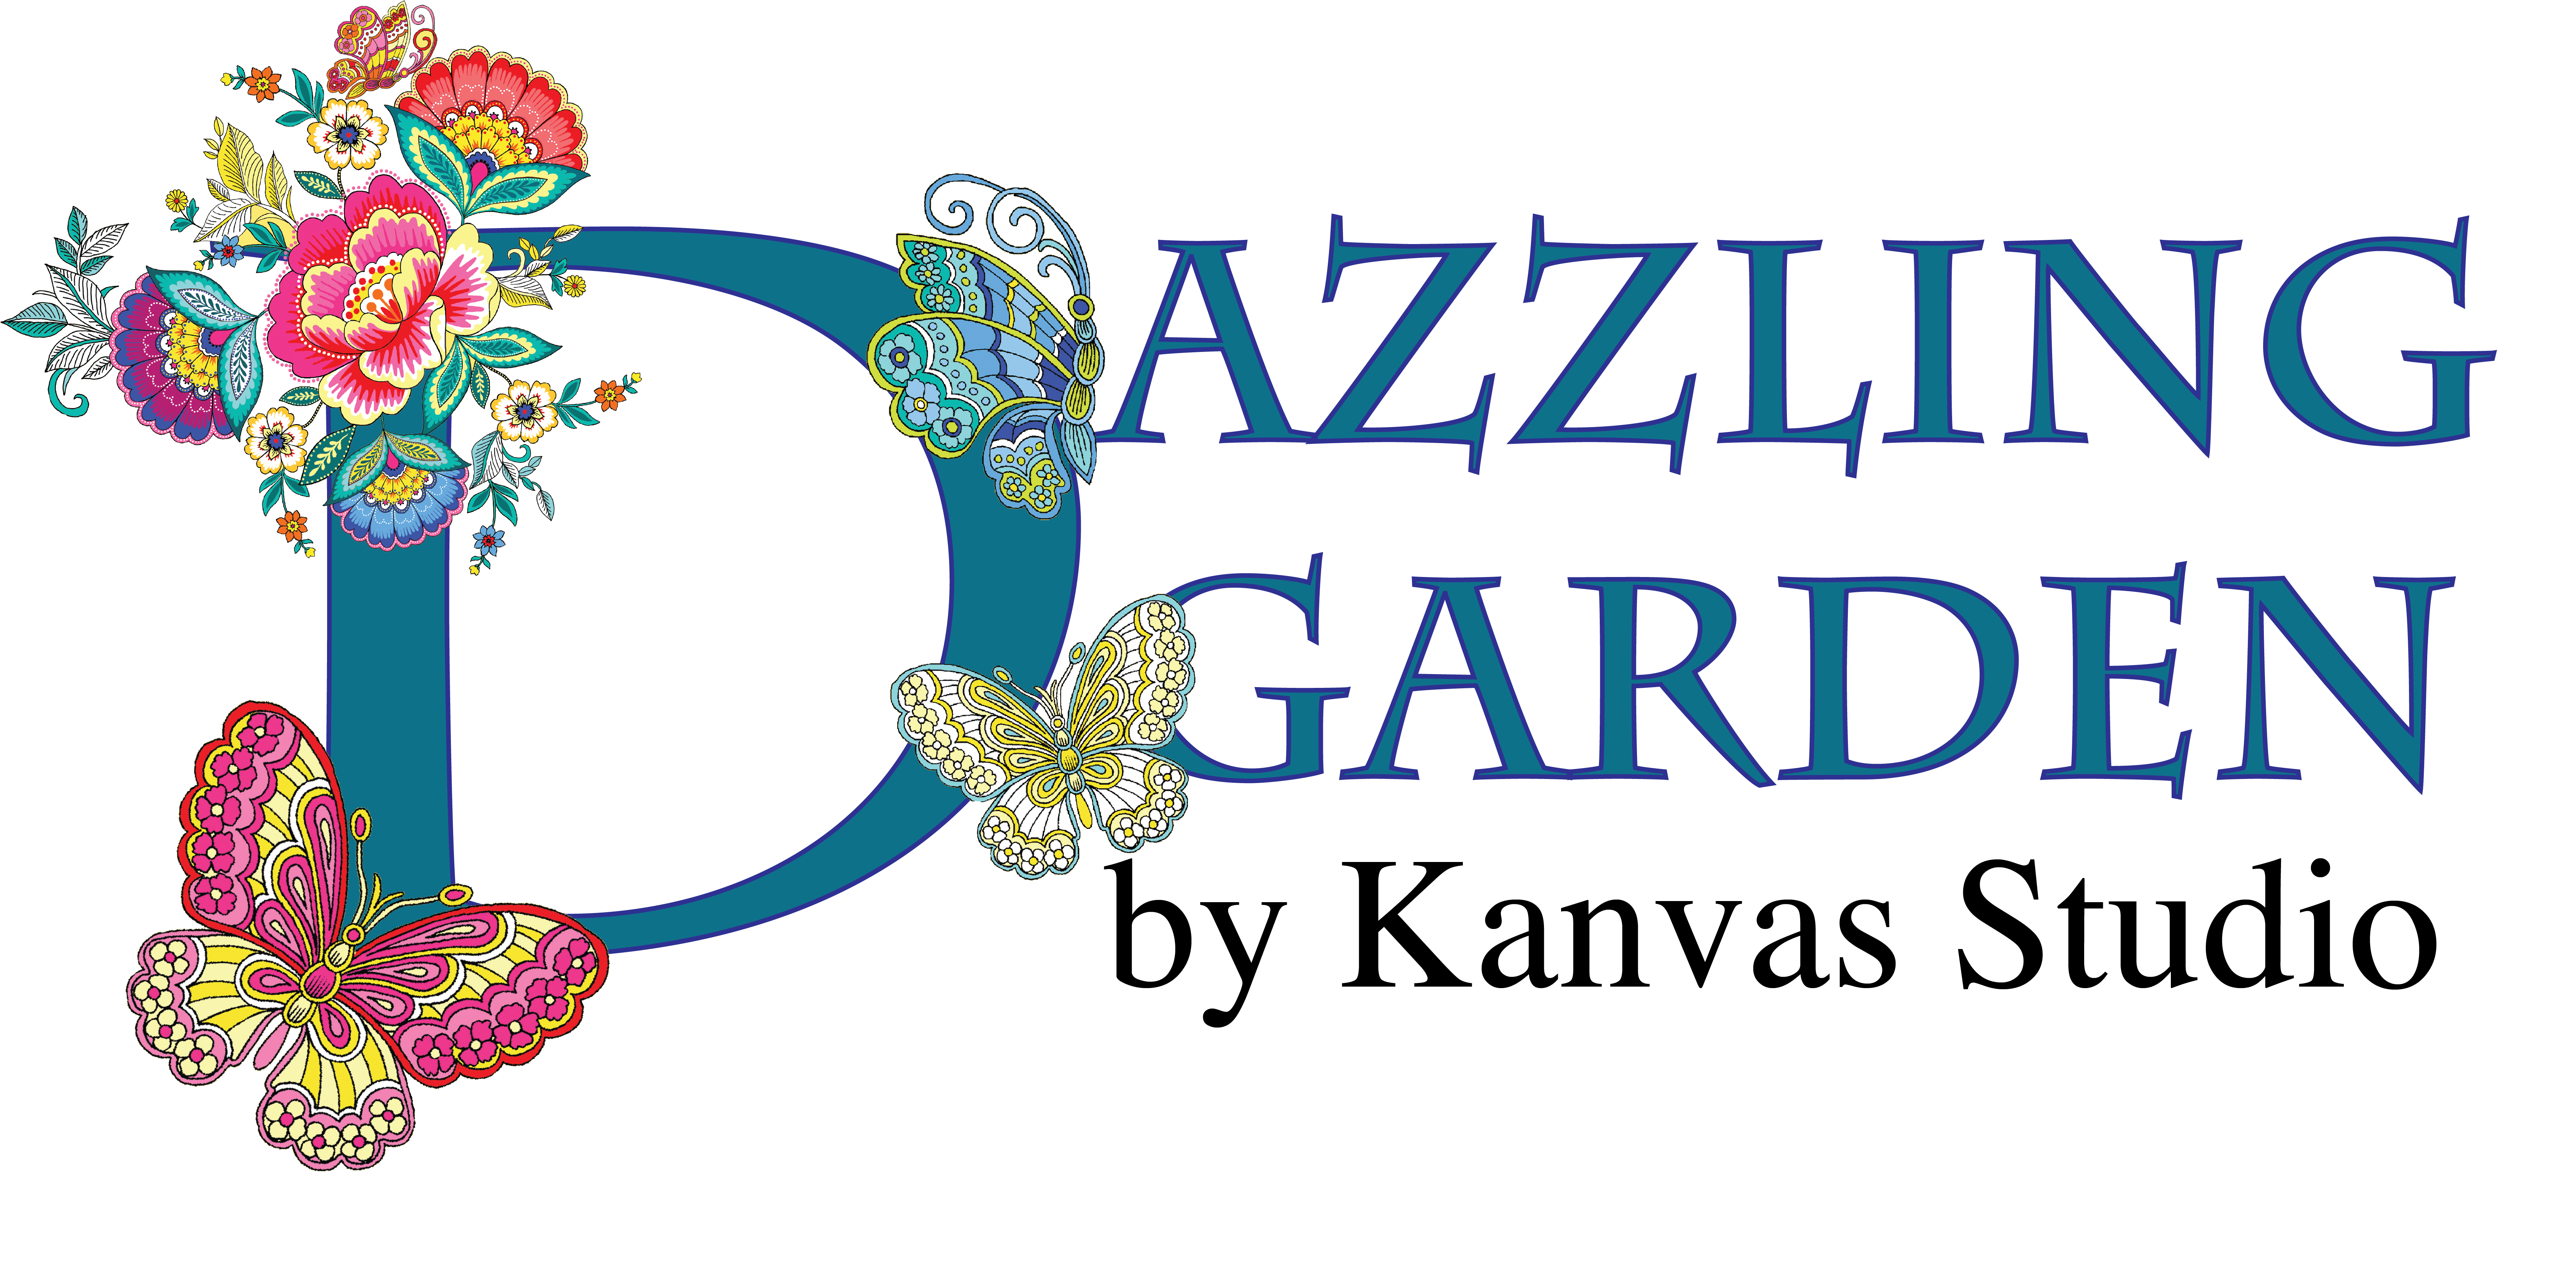 Dazzling Garden